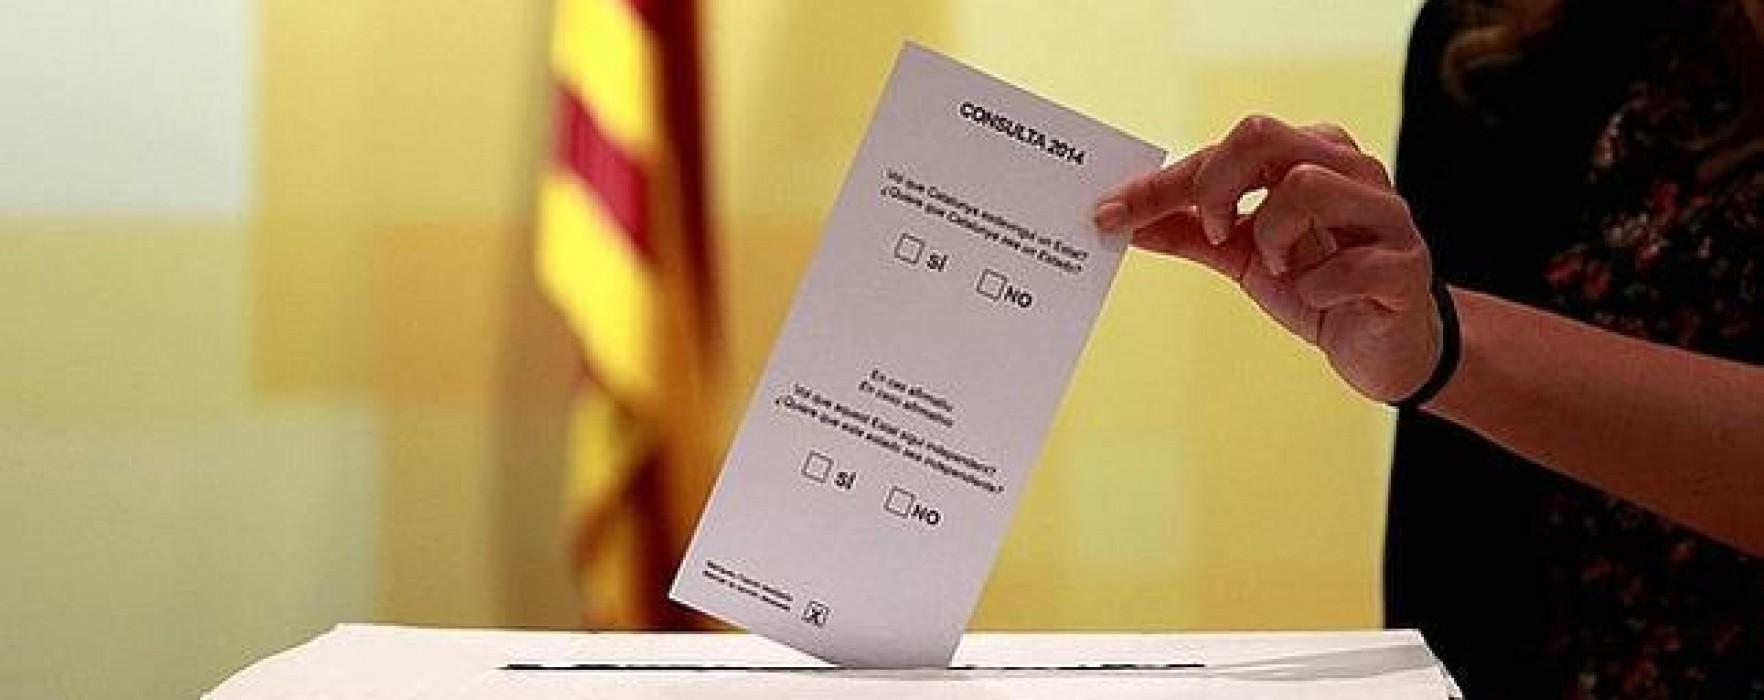 Catalogna: il finto referendum del 9 novembre.